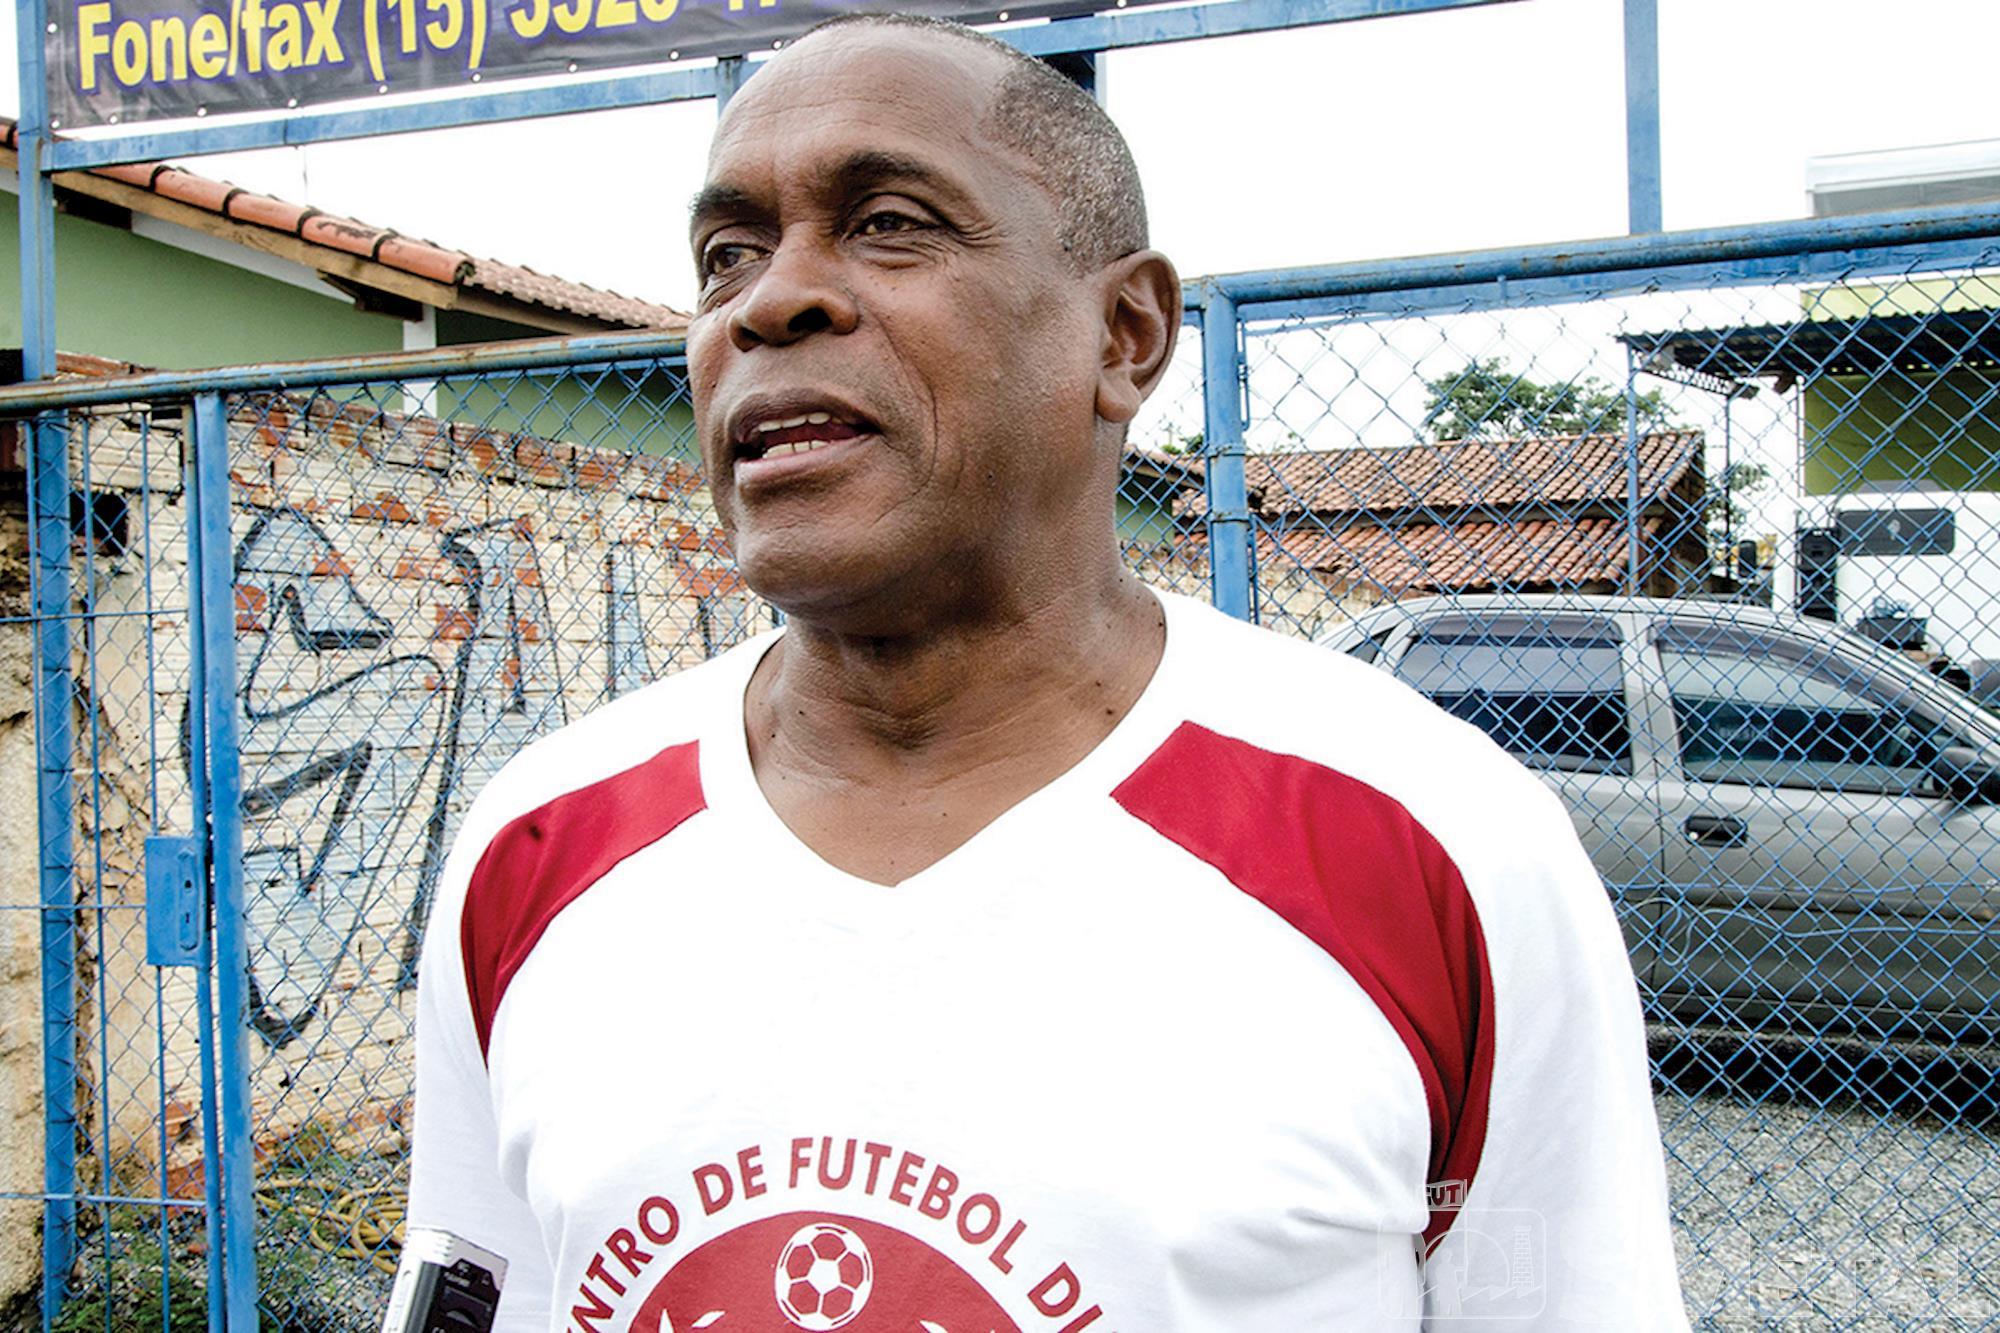 Dimas,  dono da escolinha CF Dimas,  na década de 70 jogou como ponta direita em clubes como Bragantino,  Ituano,  Portuguesa Santista e São Bento, Futebol de base: O futuro quer ser visto agora